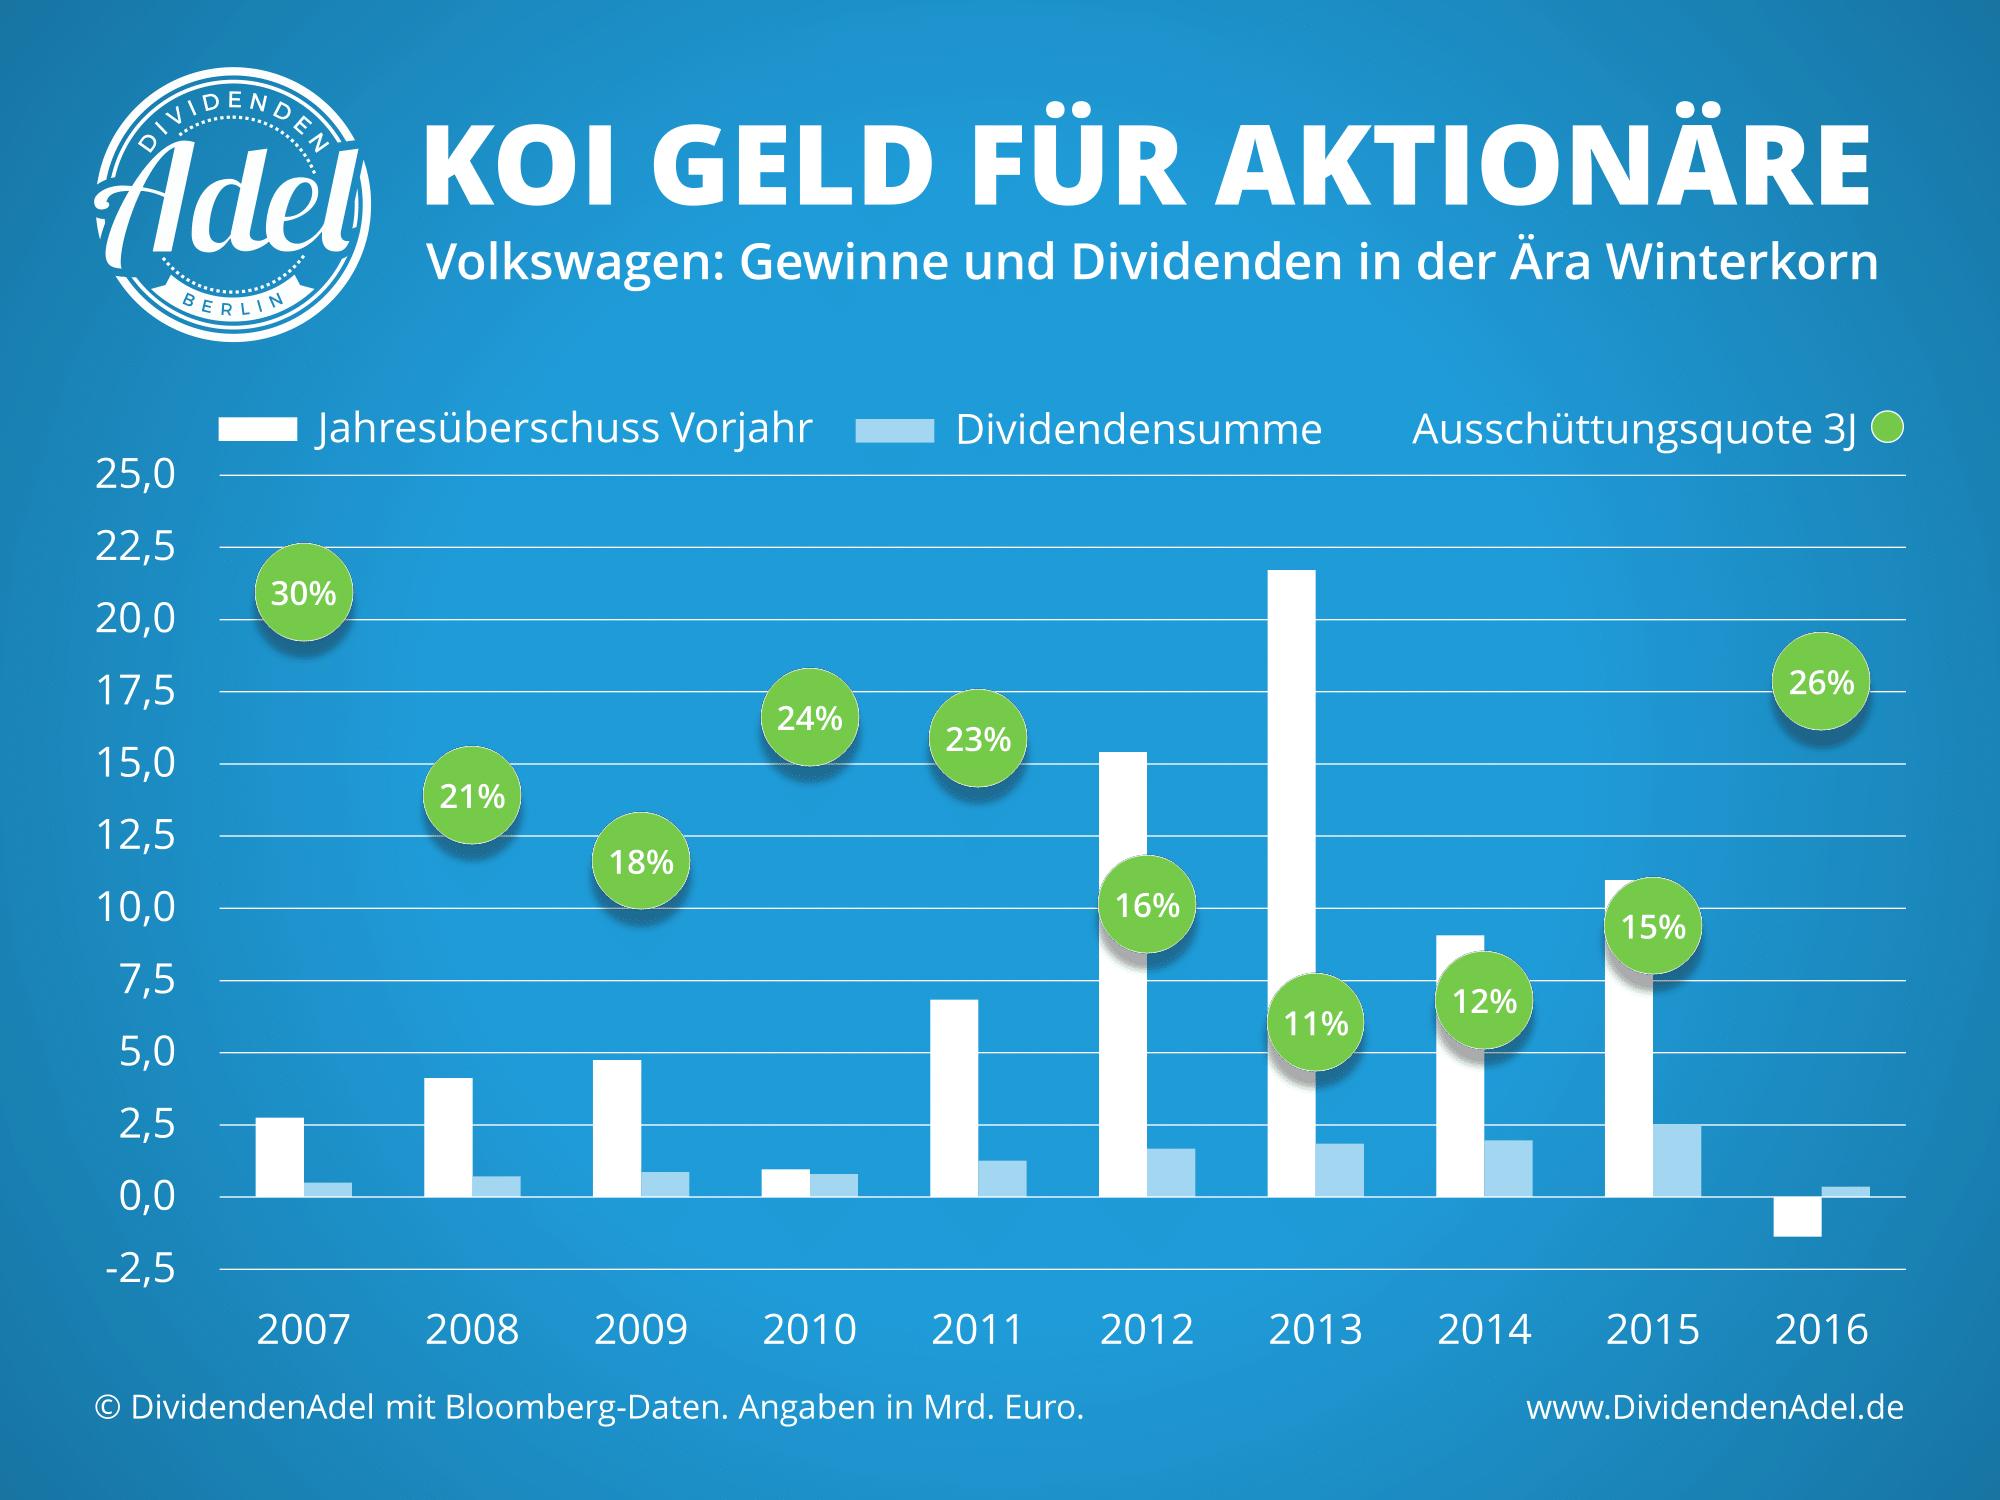 Volkswagen Koi Geld für Aktionäre